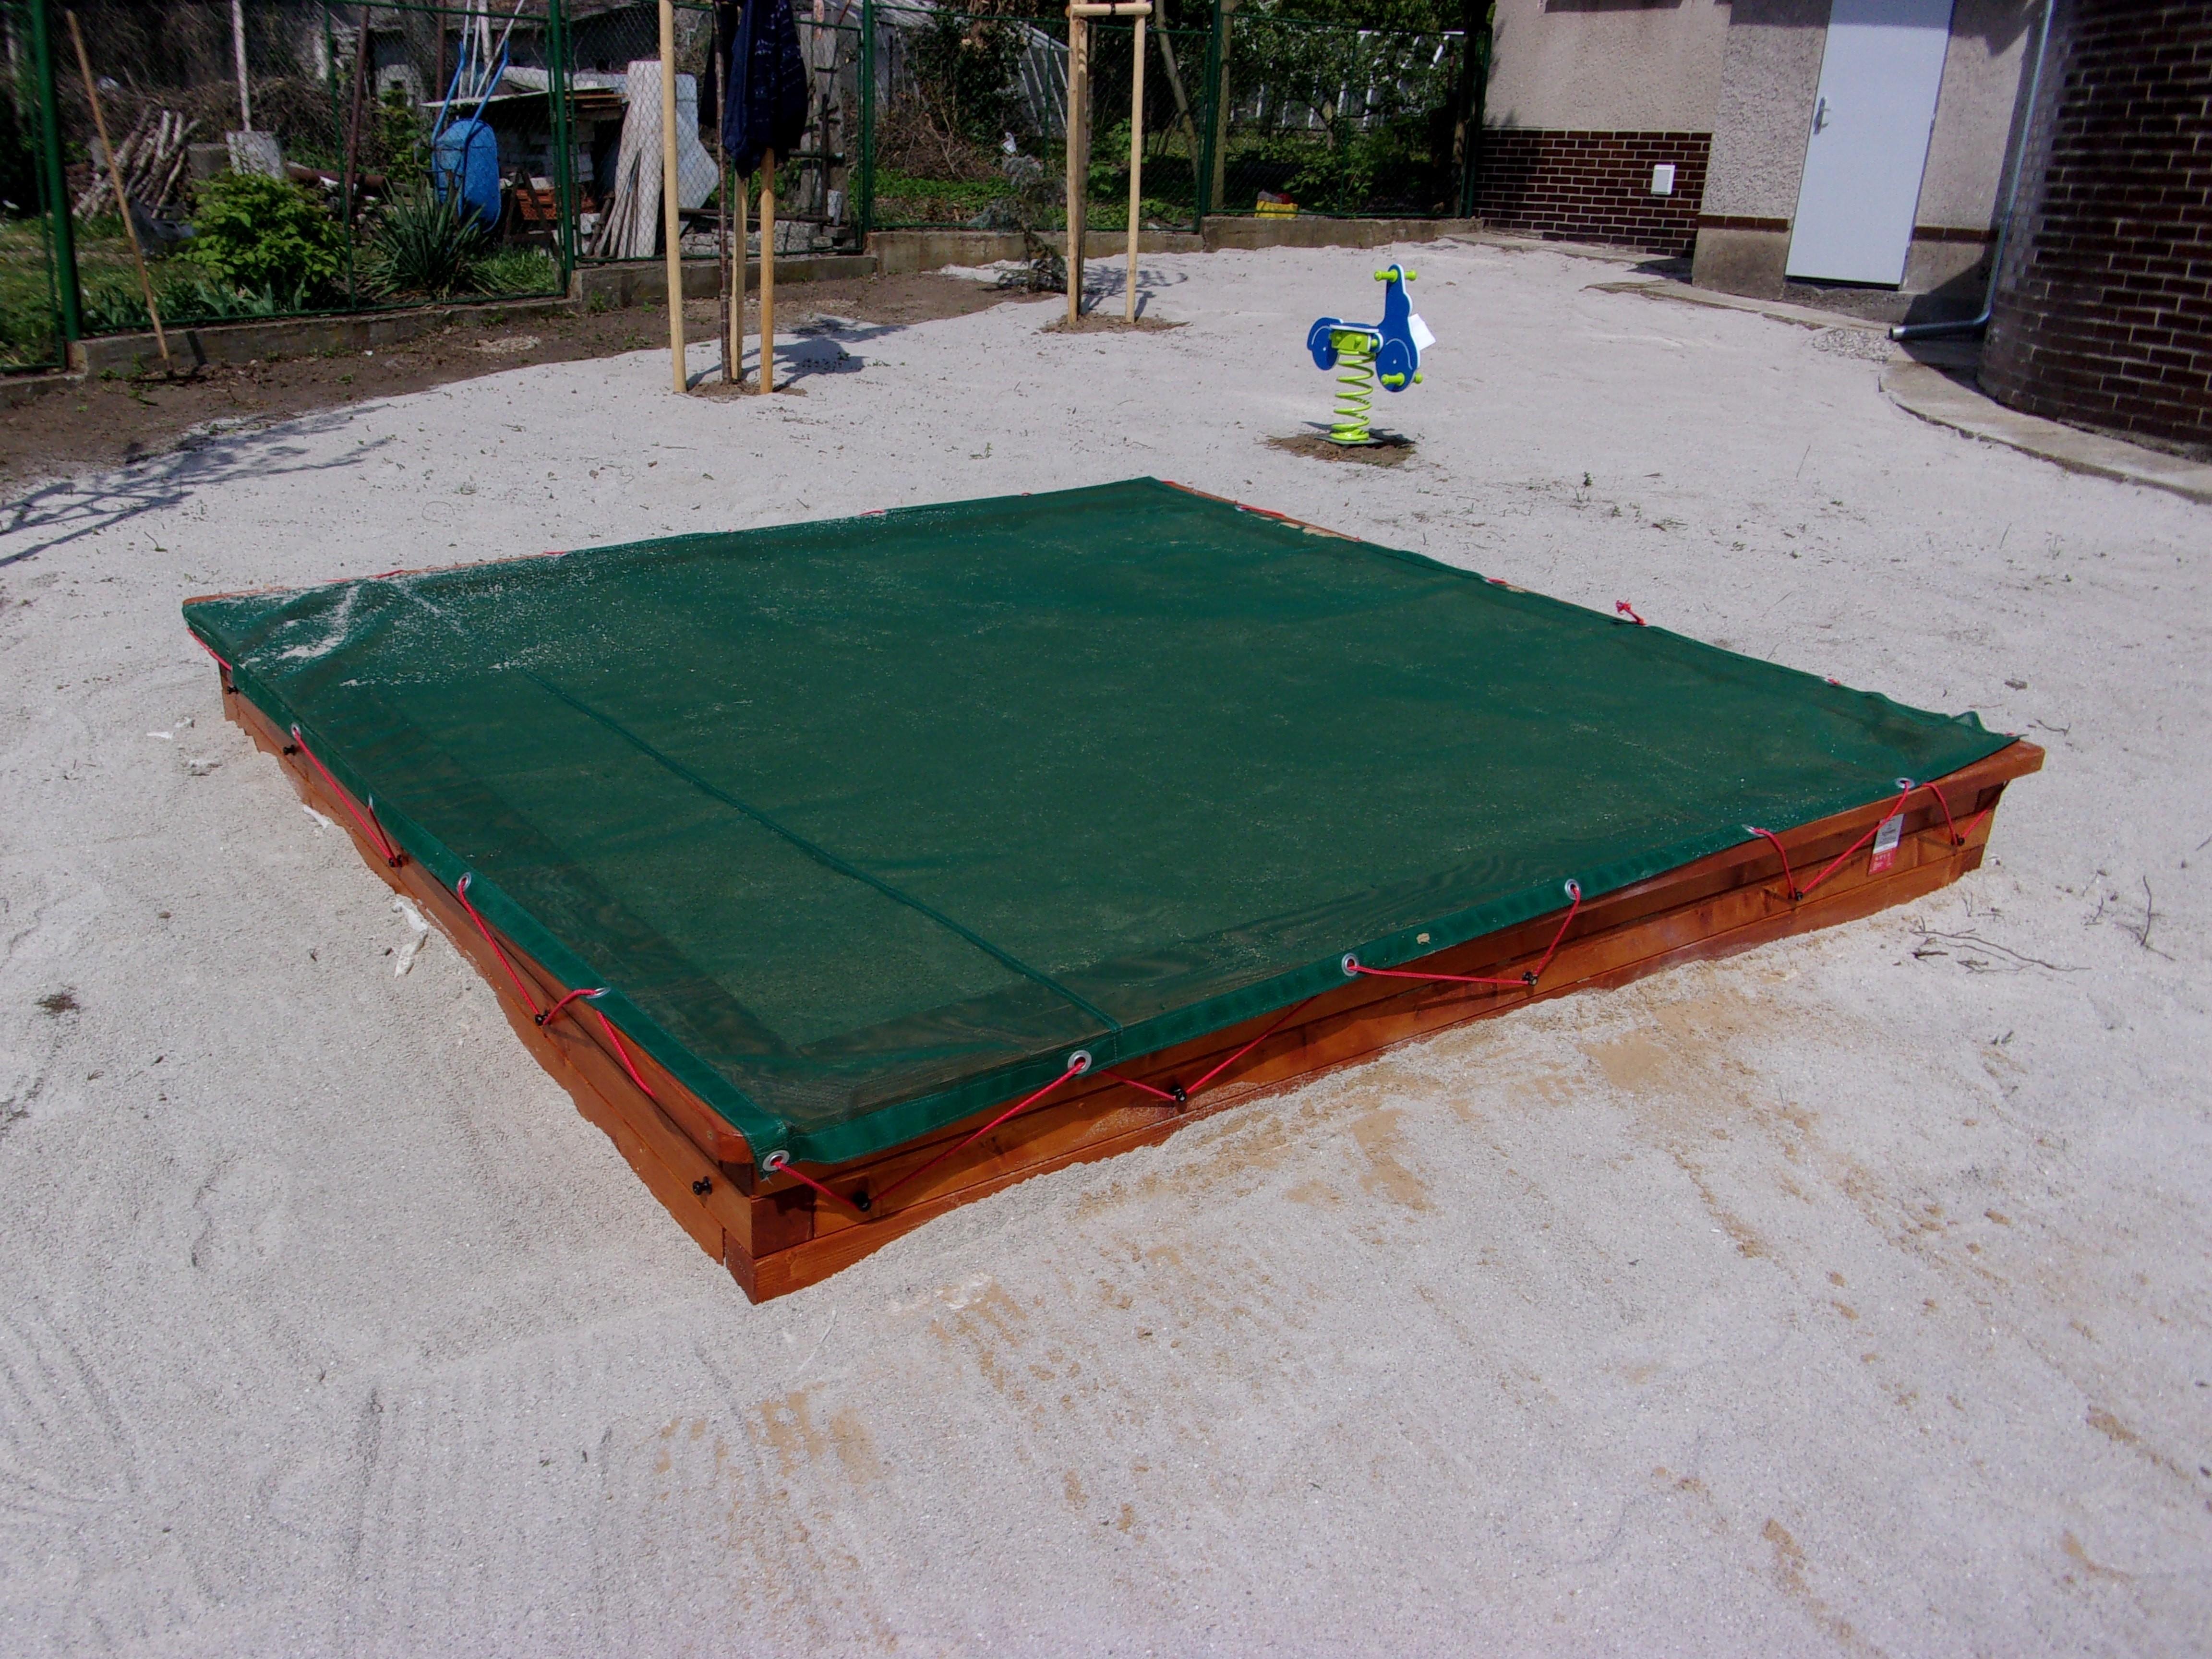 Pískoviště 3x3 m pro veřejná prostranství